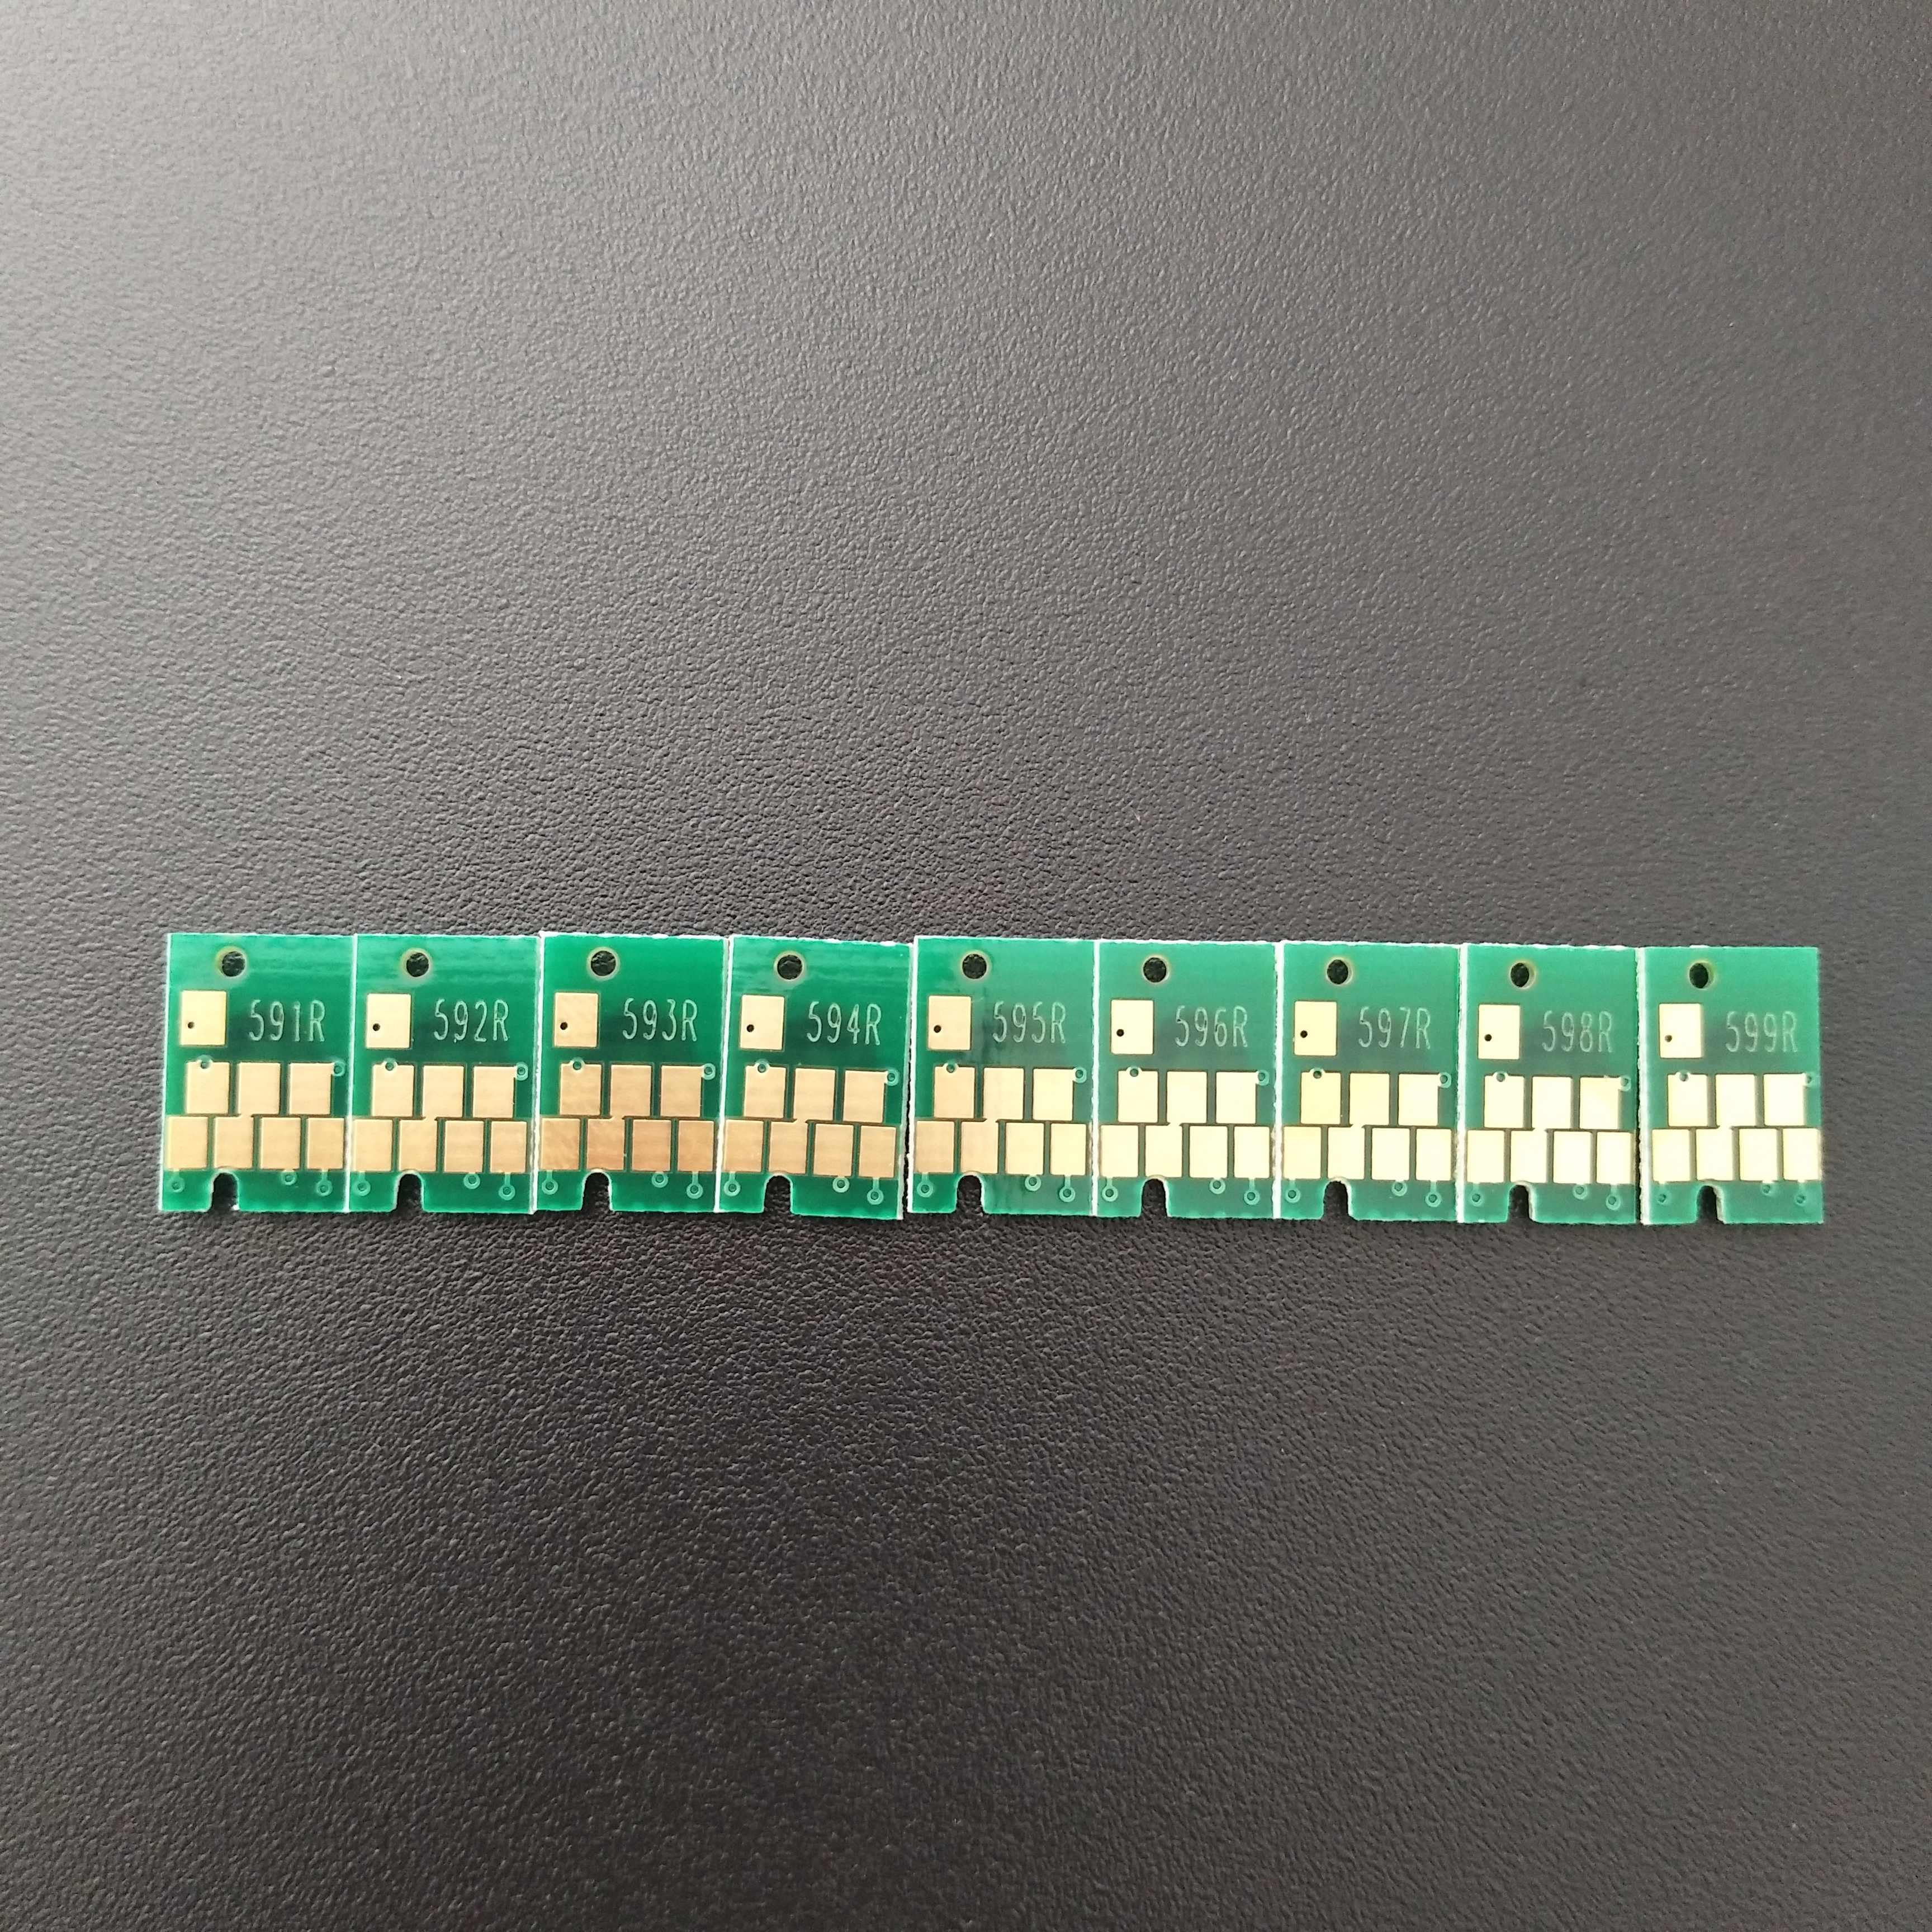 Ximo T0591-T0599 Arc Chip untuk Epson R2400 2400 Printer Digunakan untuk CISS dan Isi Ulang Ink Cartridge